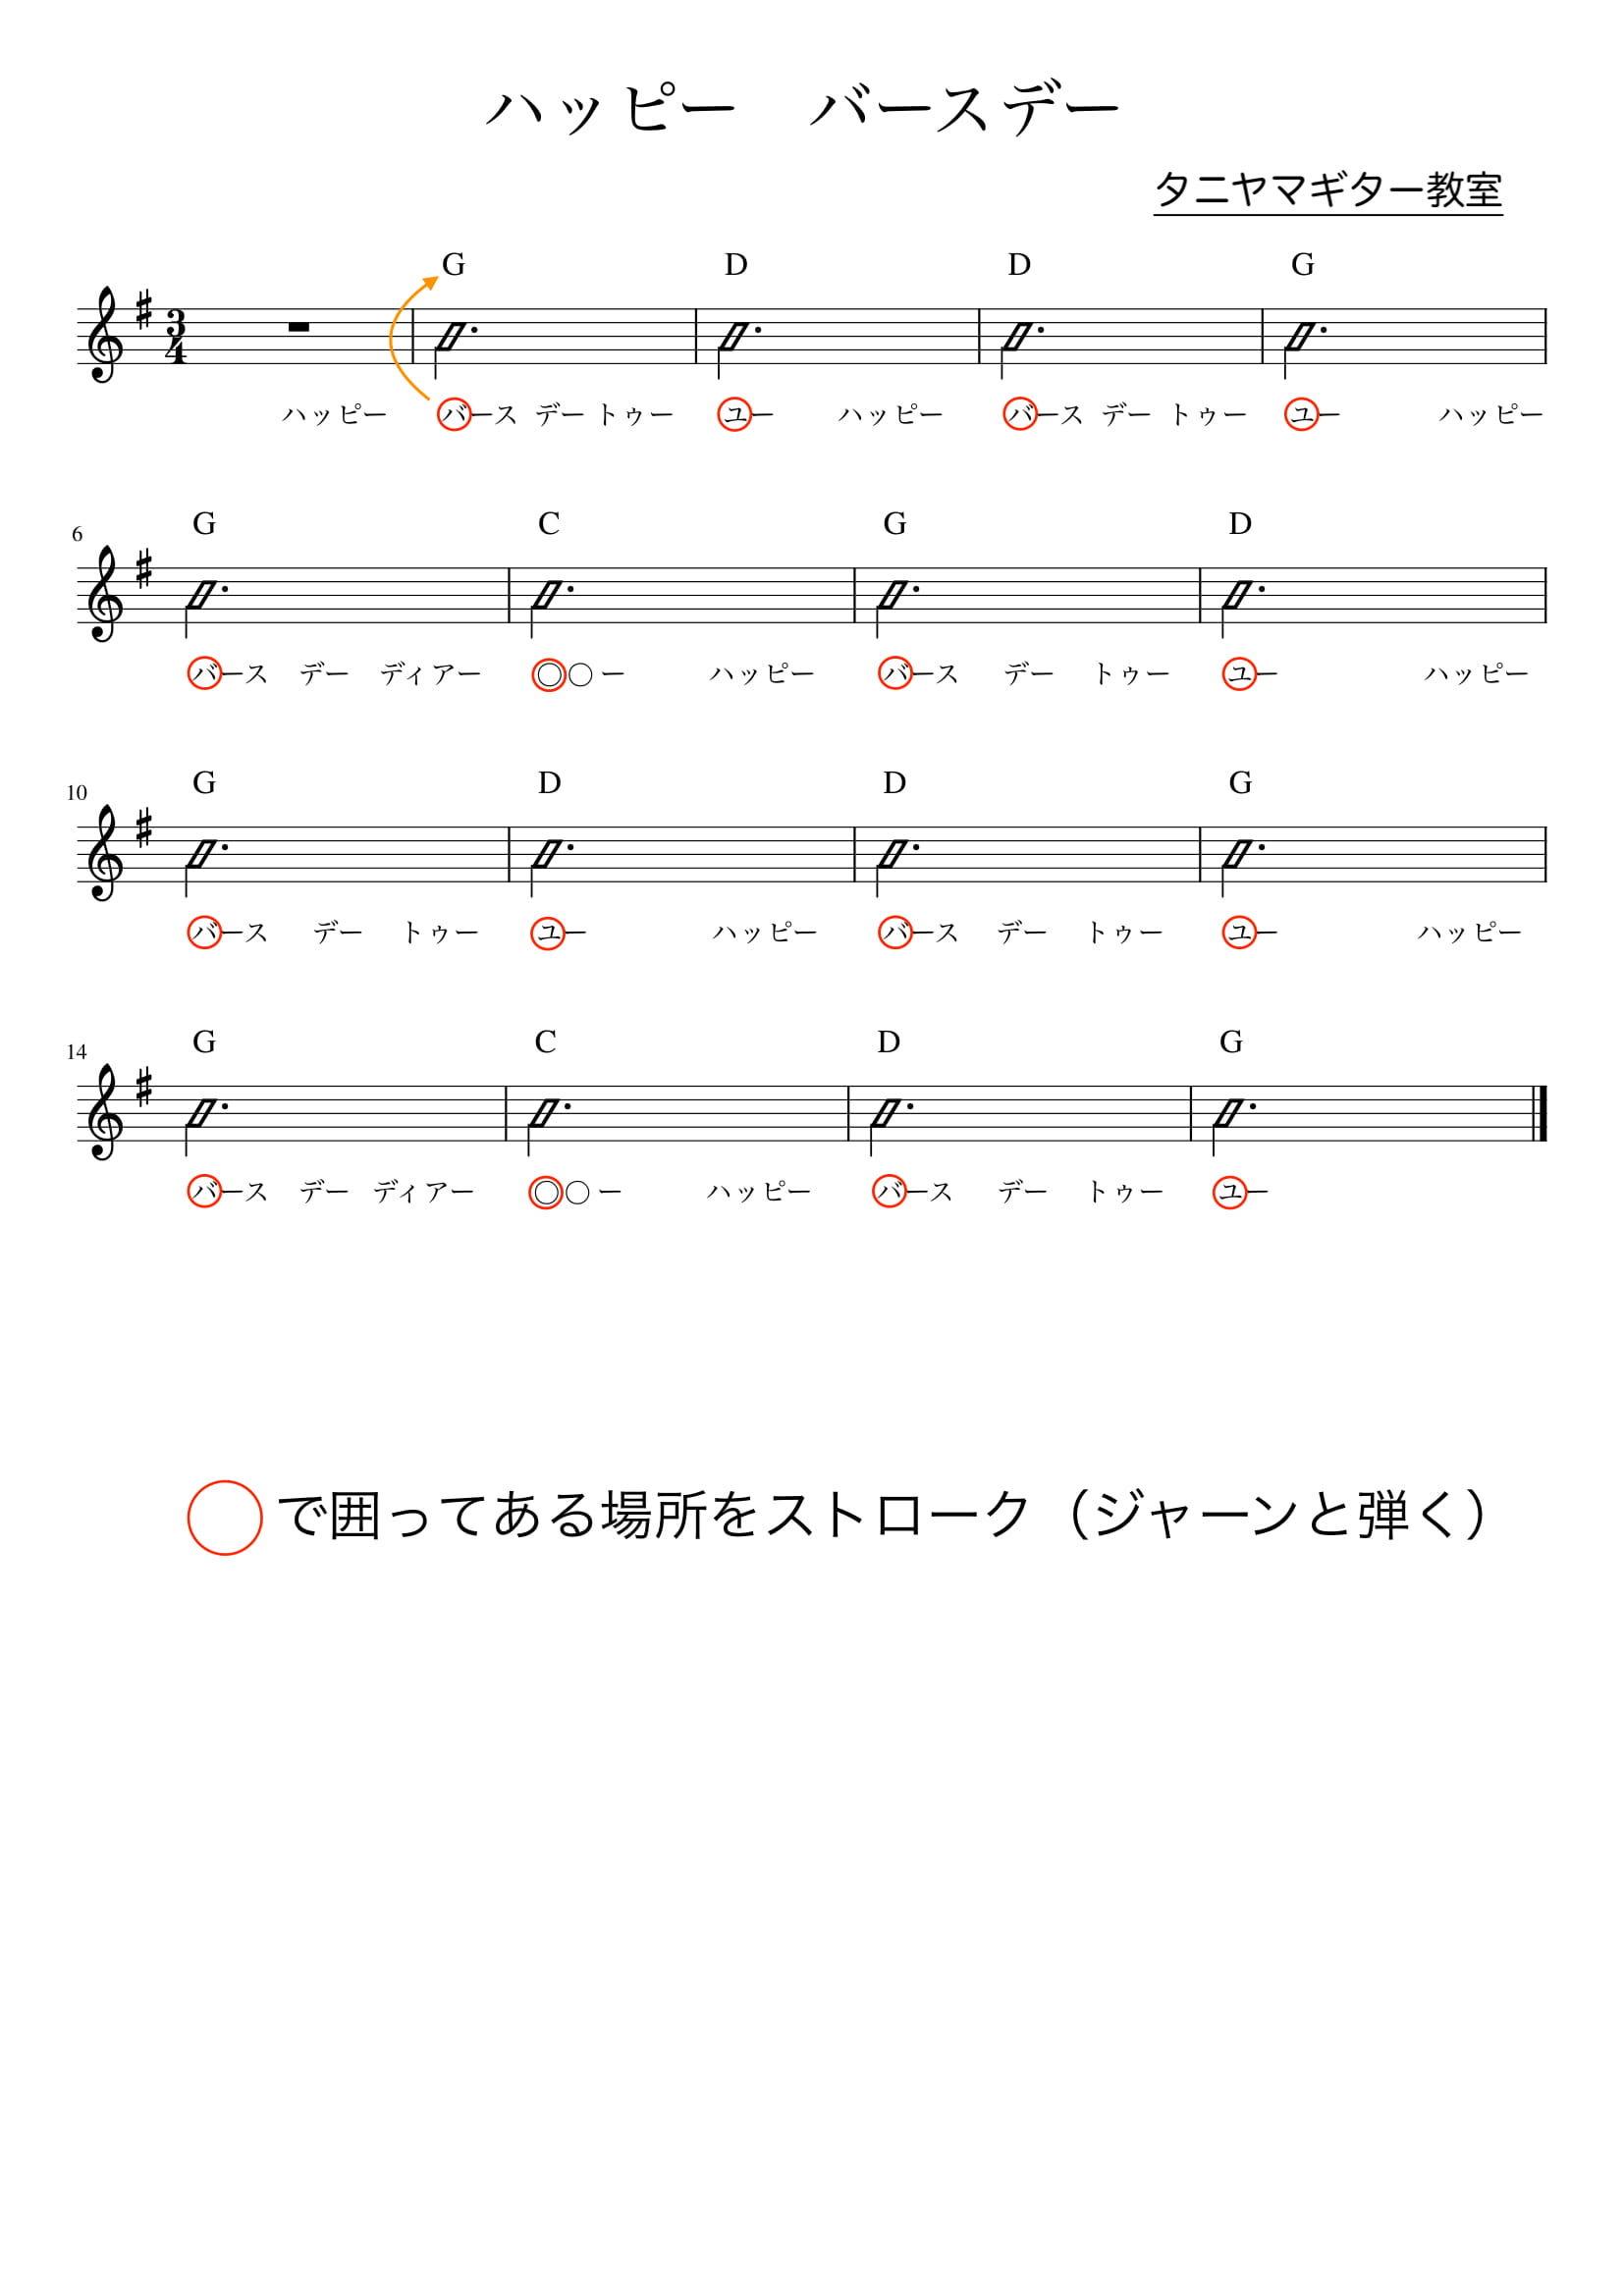 ハッピー バースデー ギター コード